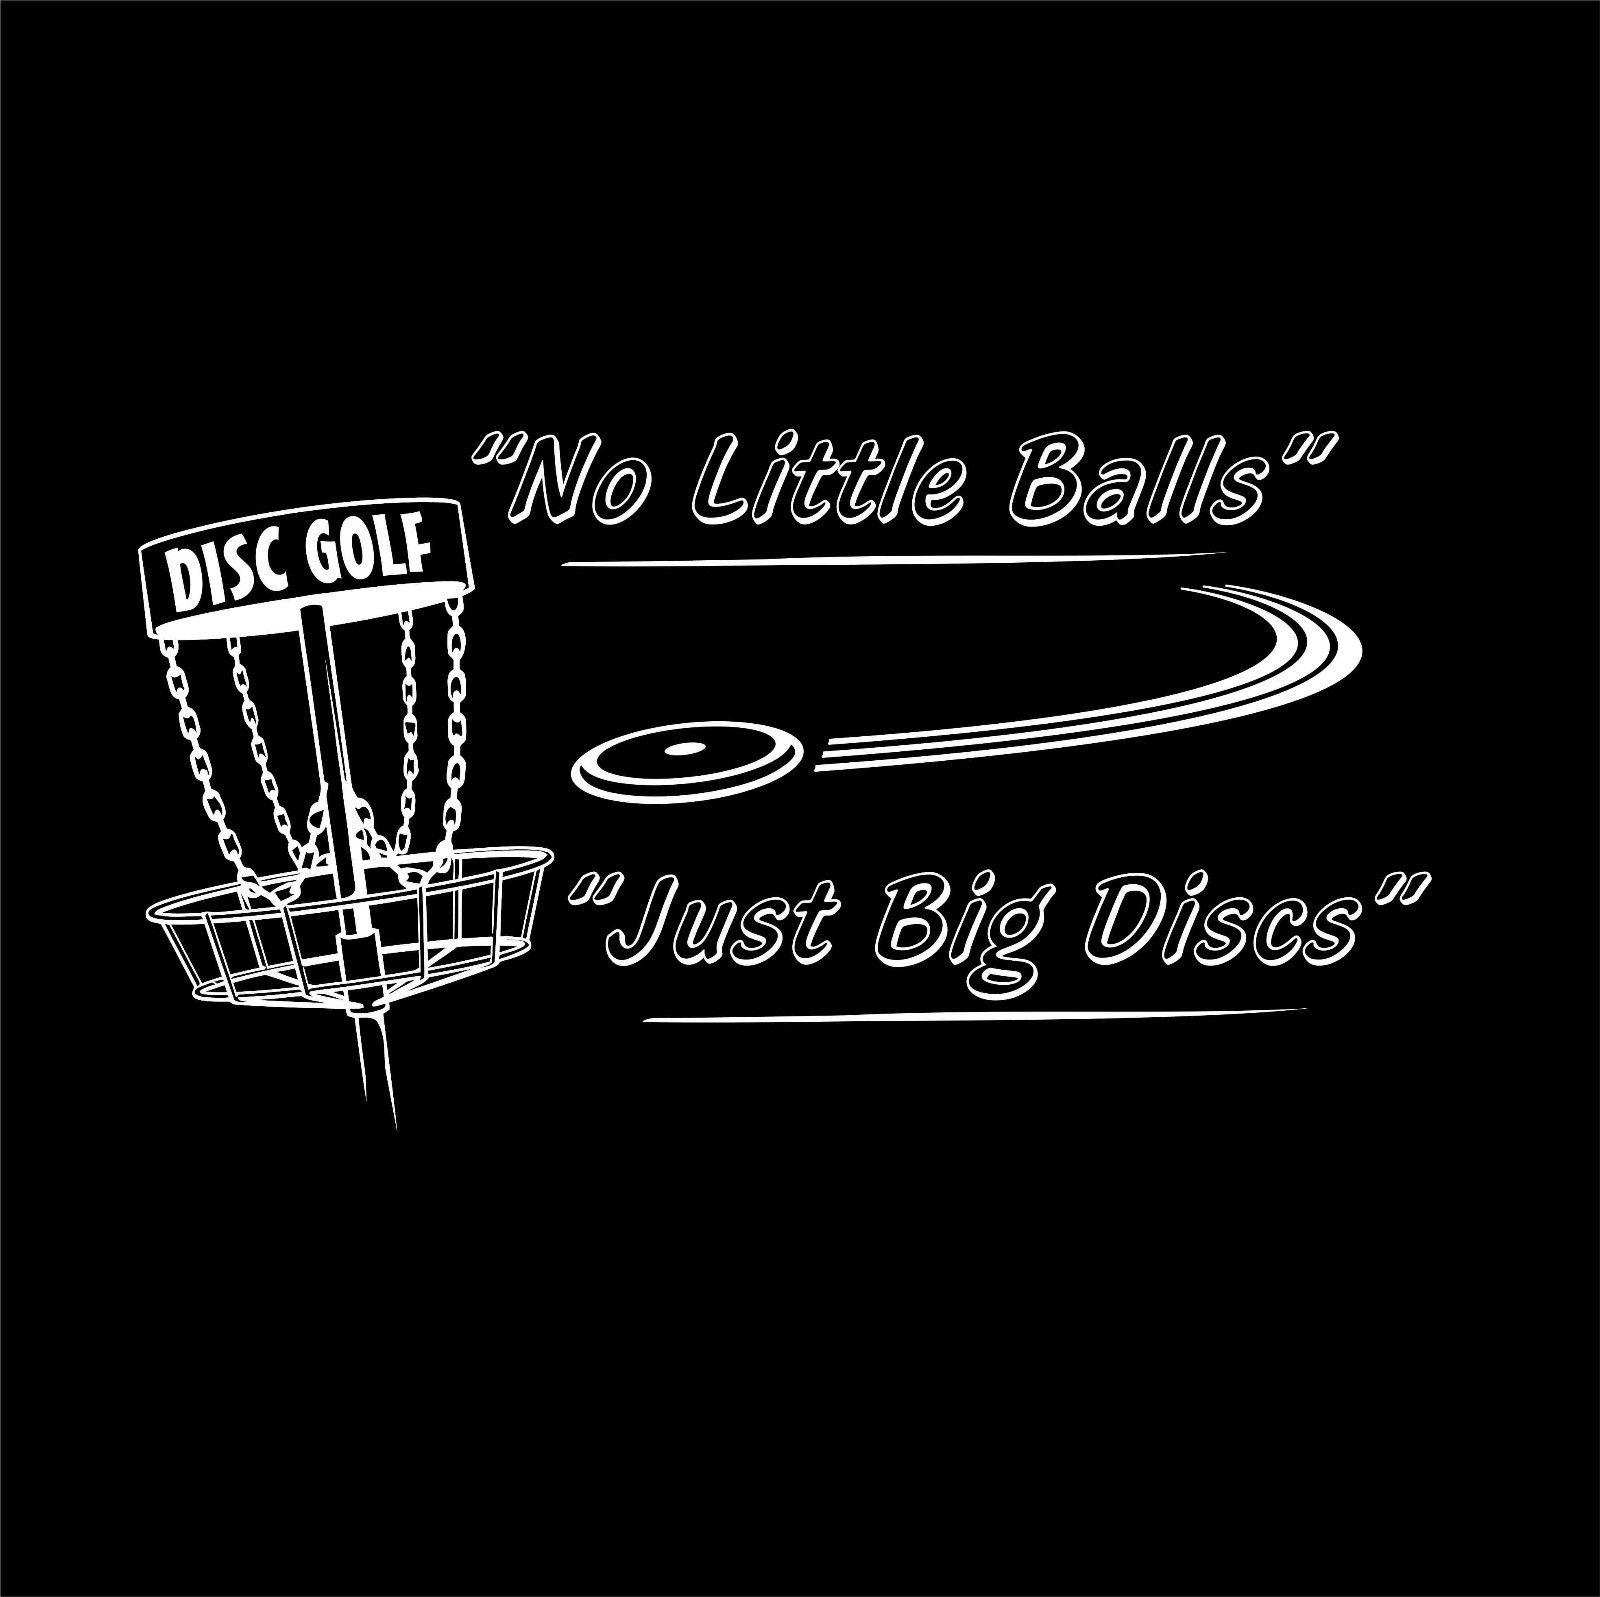 c7c784867 Cool T-Shirts Best Selling Men No Little Balls - Just Big Discs - Disc  Golfer Shirt - Frisbee Golfer - Frolf - Folf T-shirt